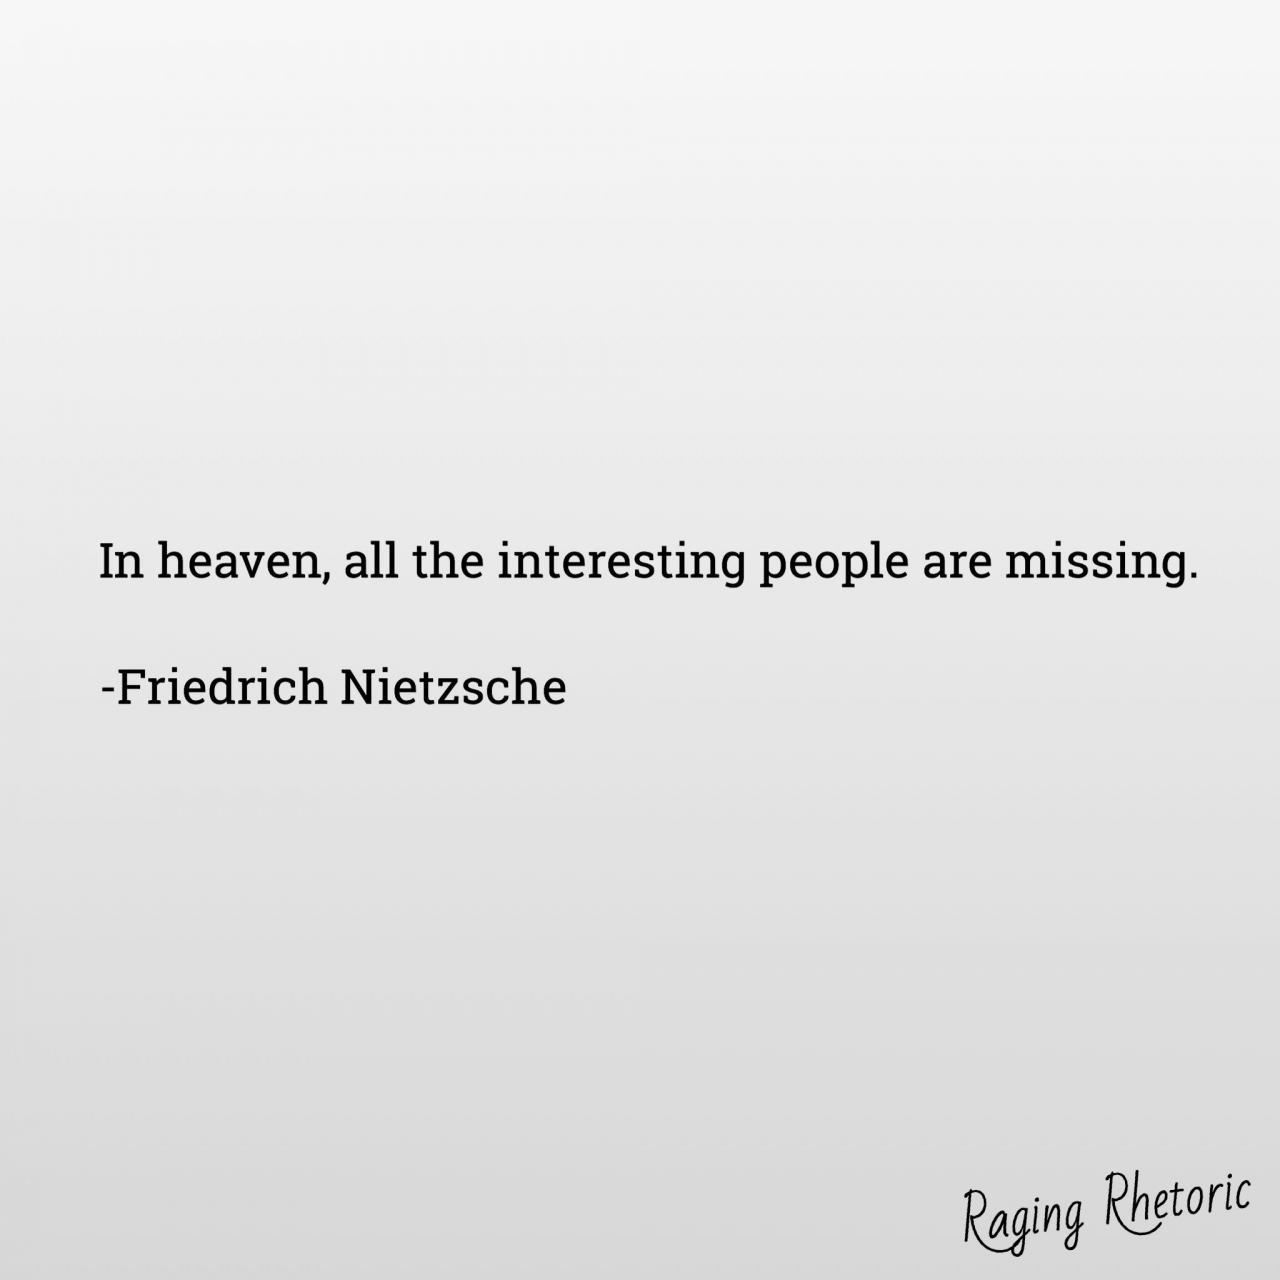 Ragingrhetoric Nietzsche Https Facebook Com Ragingrhetoric